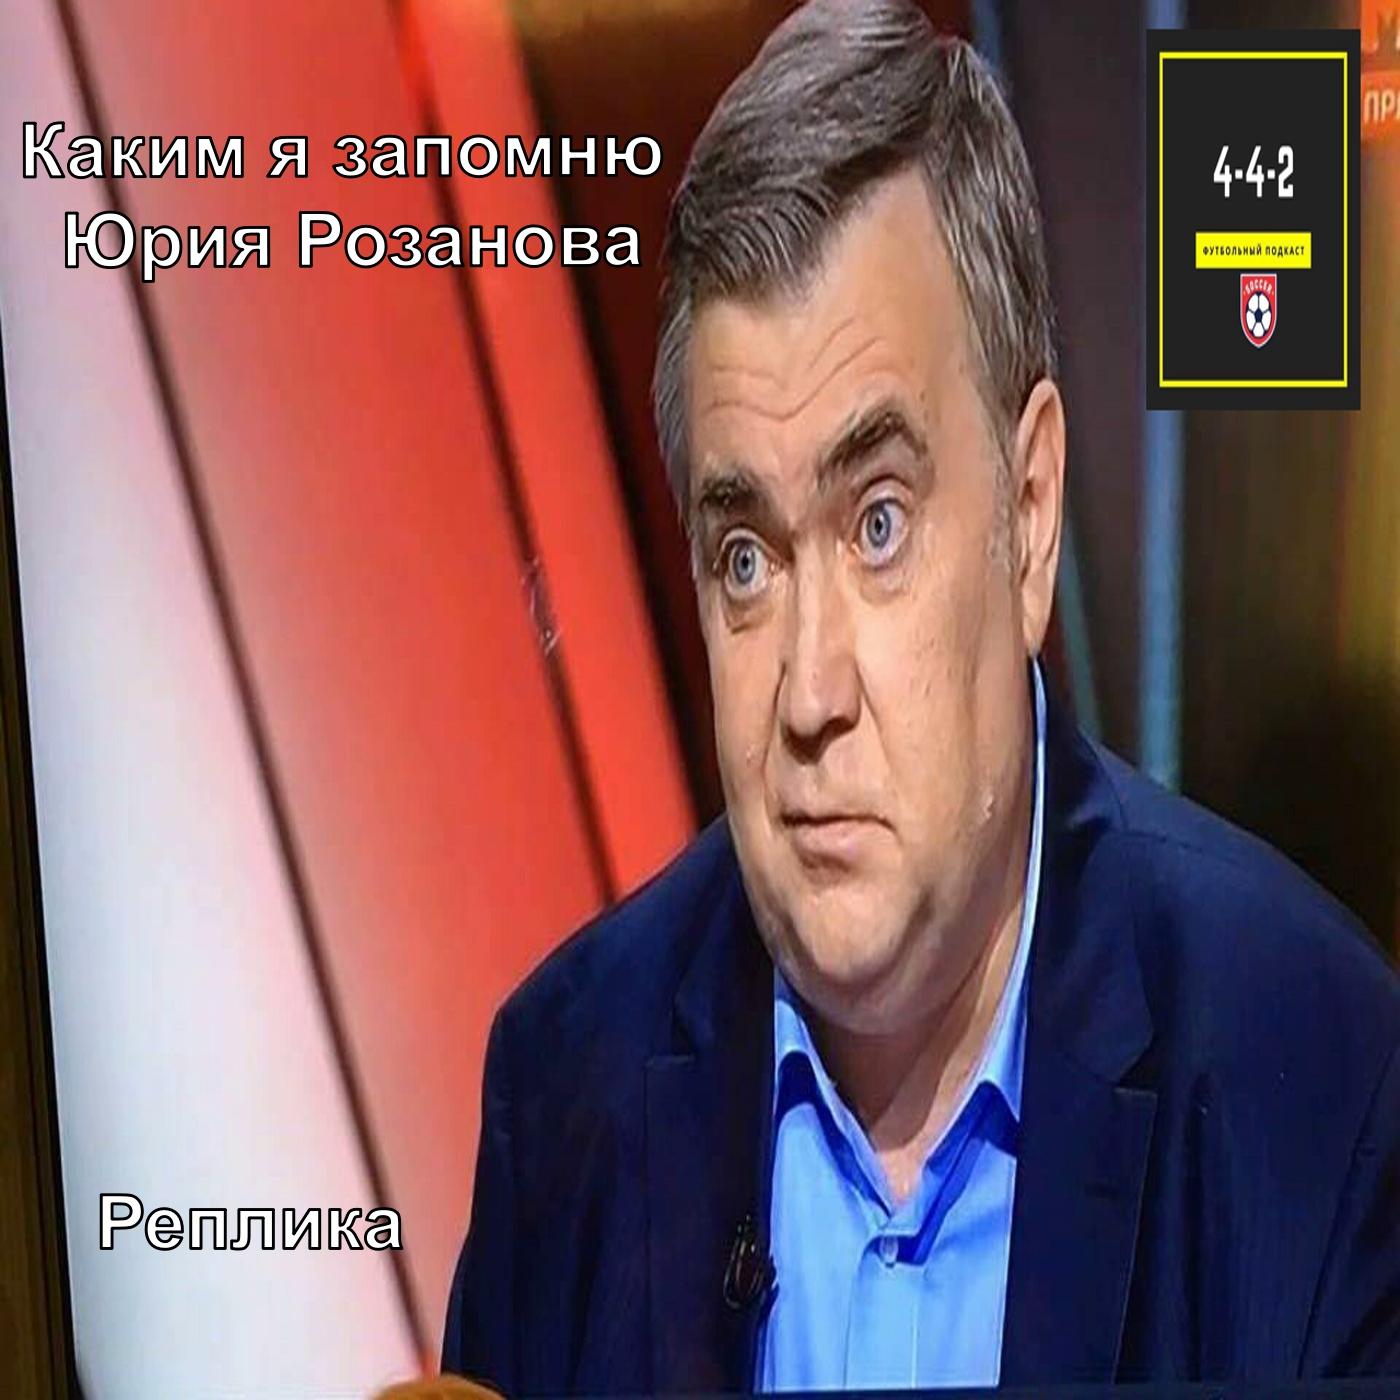 Каким я запомню Юрия Розанова - Реплика